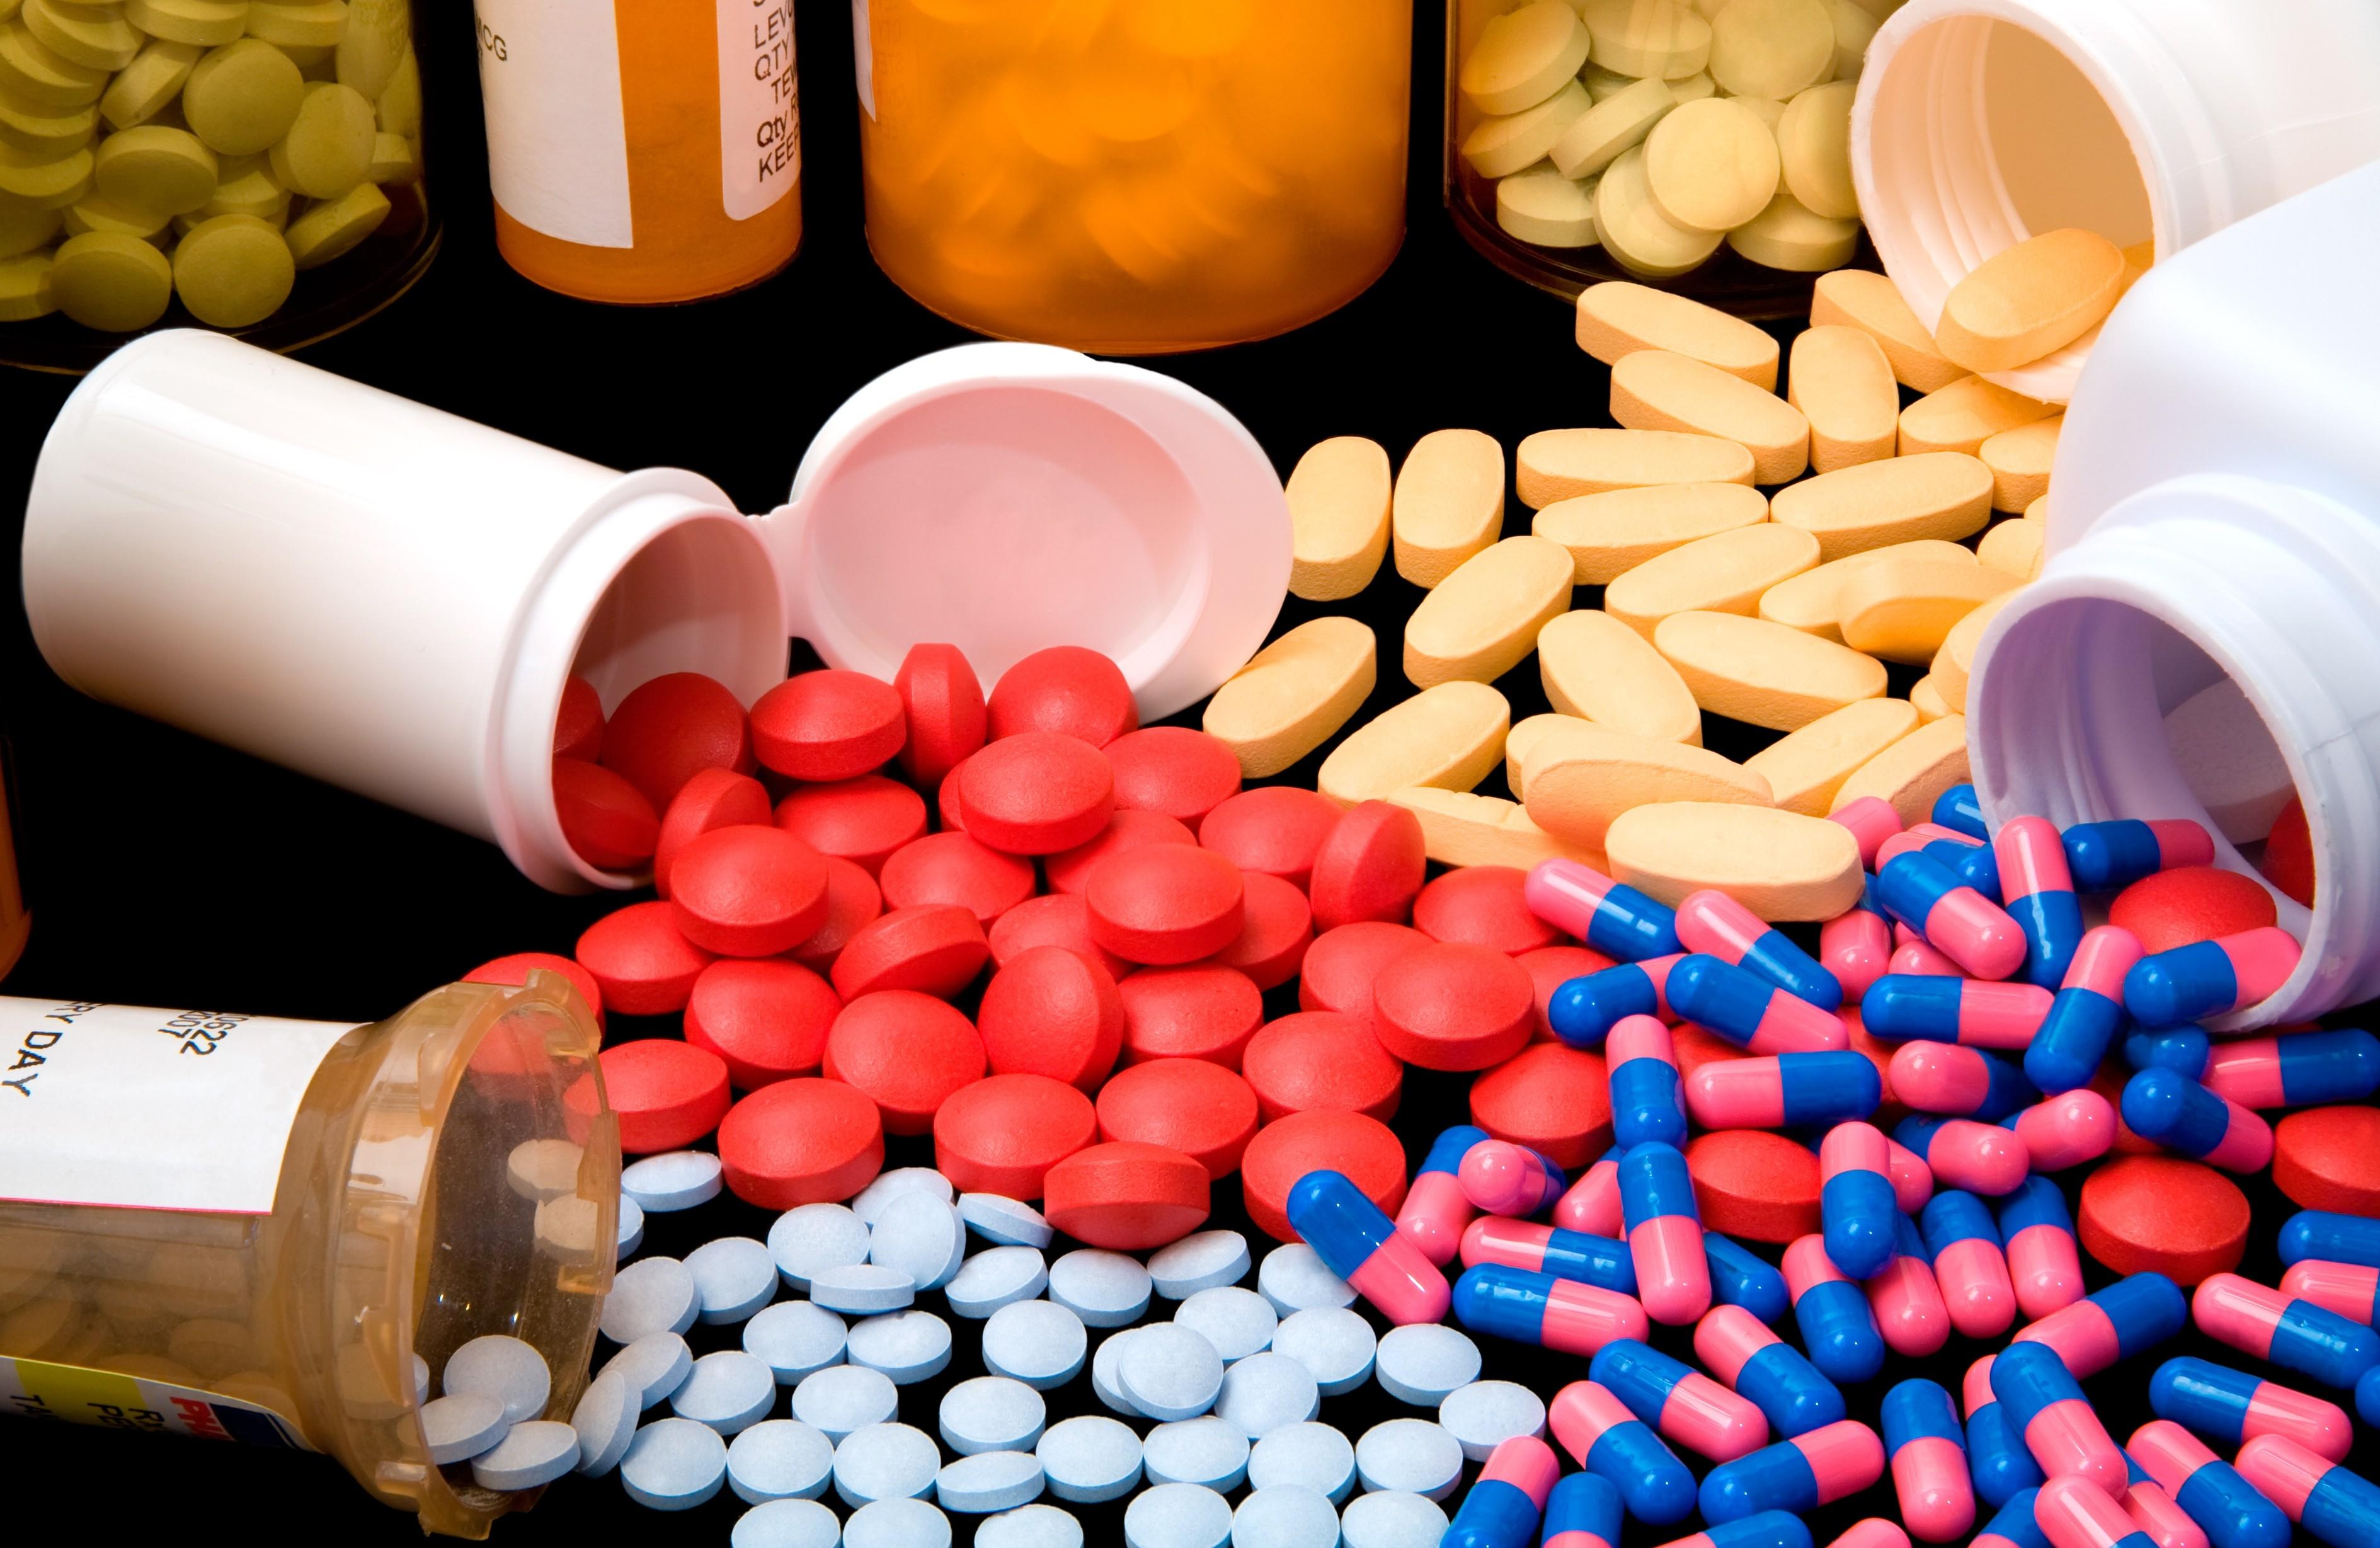 Вредны ли антибиотики для организма